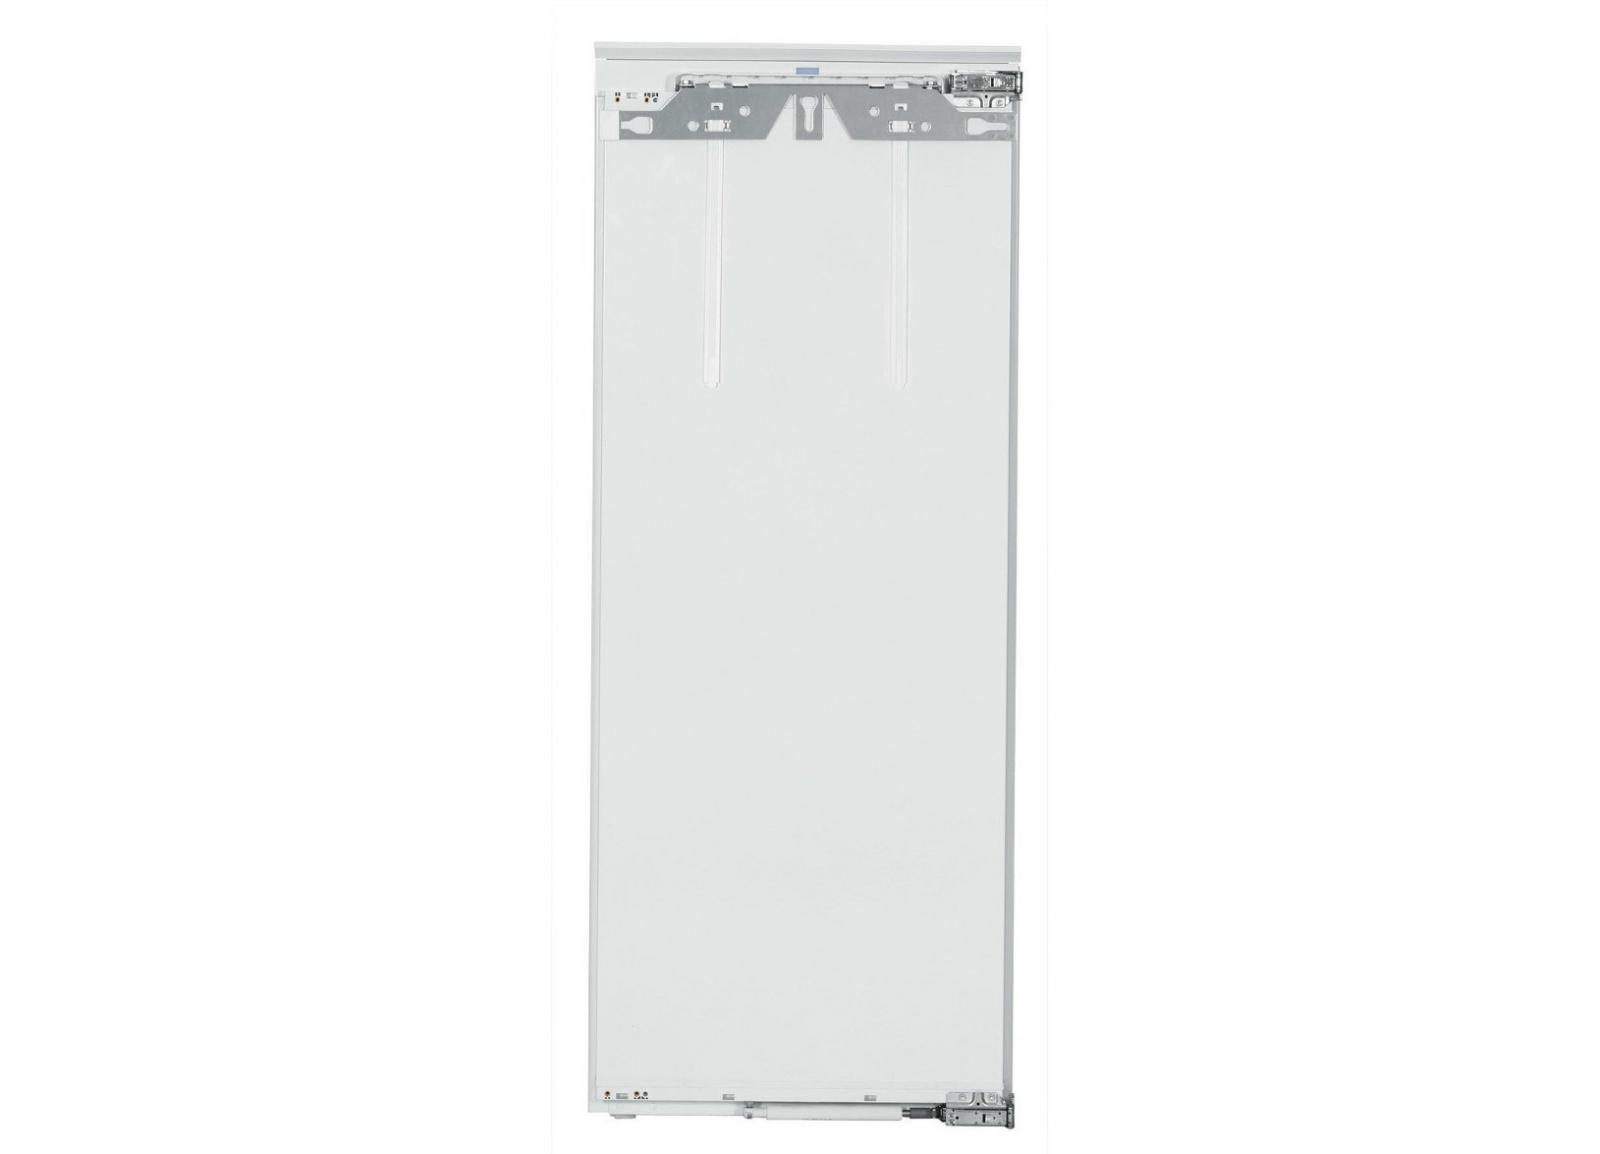 купить Встраиваемый однокамерный холодильник Liebherr IK 2764 Украина фото 1